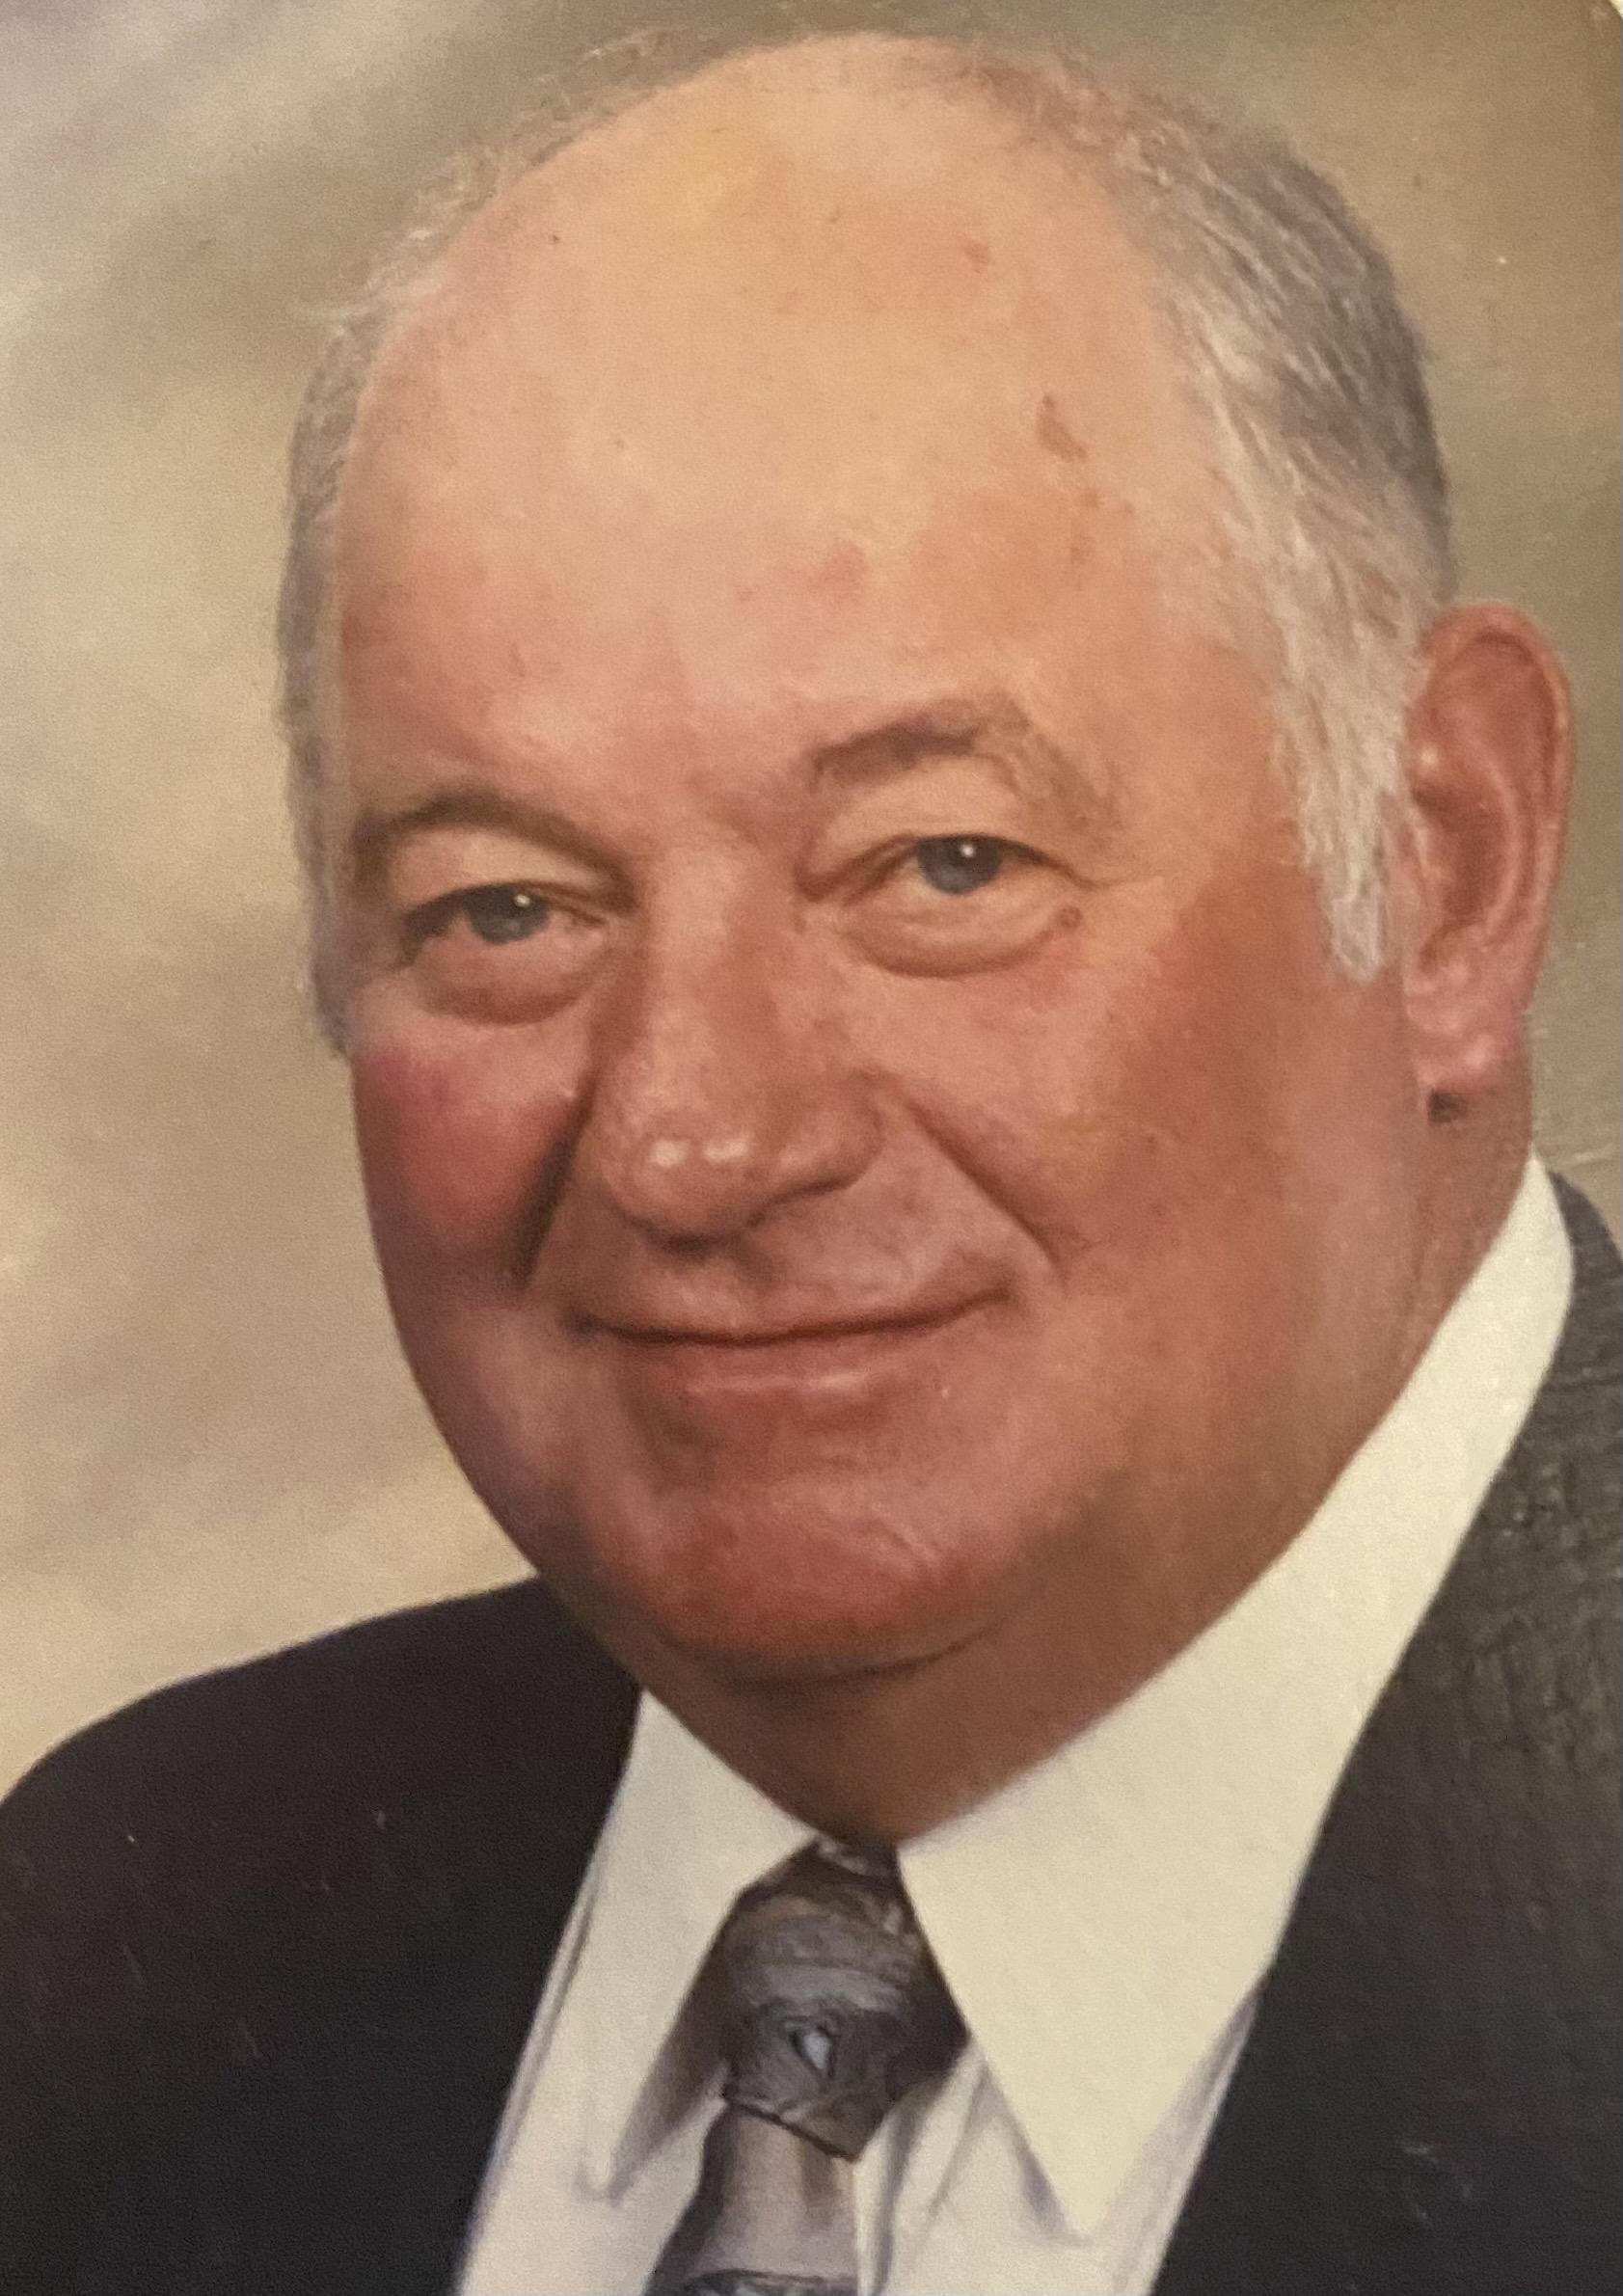 Thomas R. Vaal, 78, of St. Meinrad